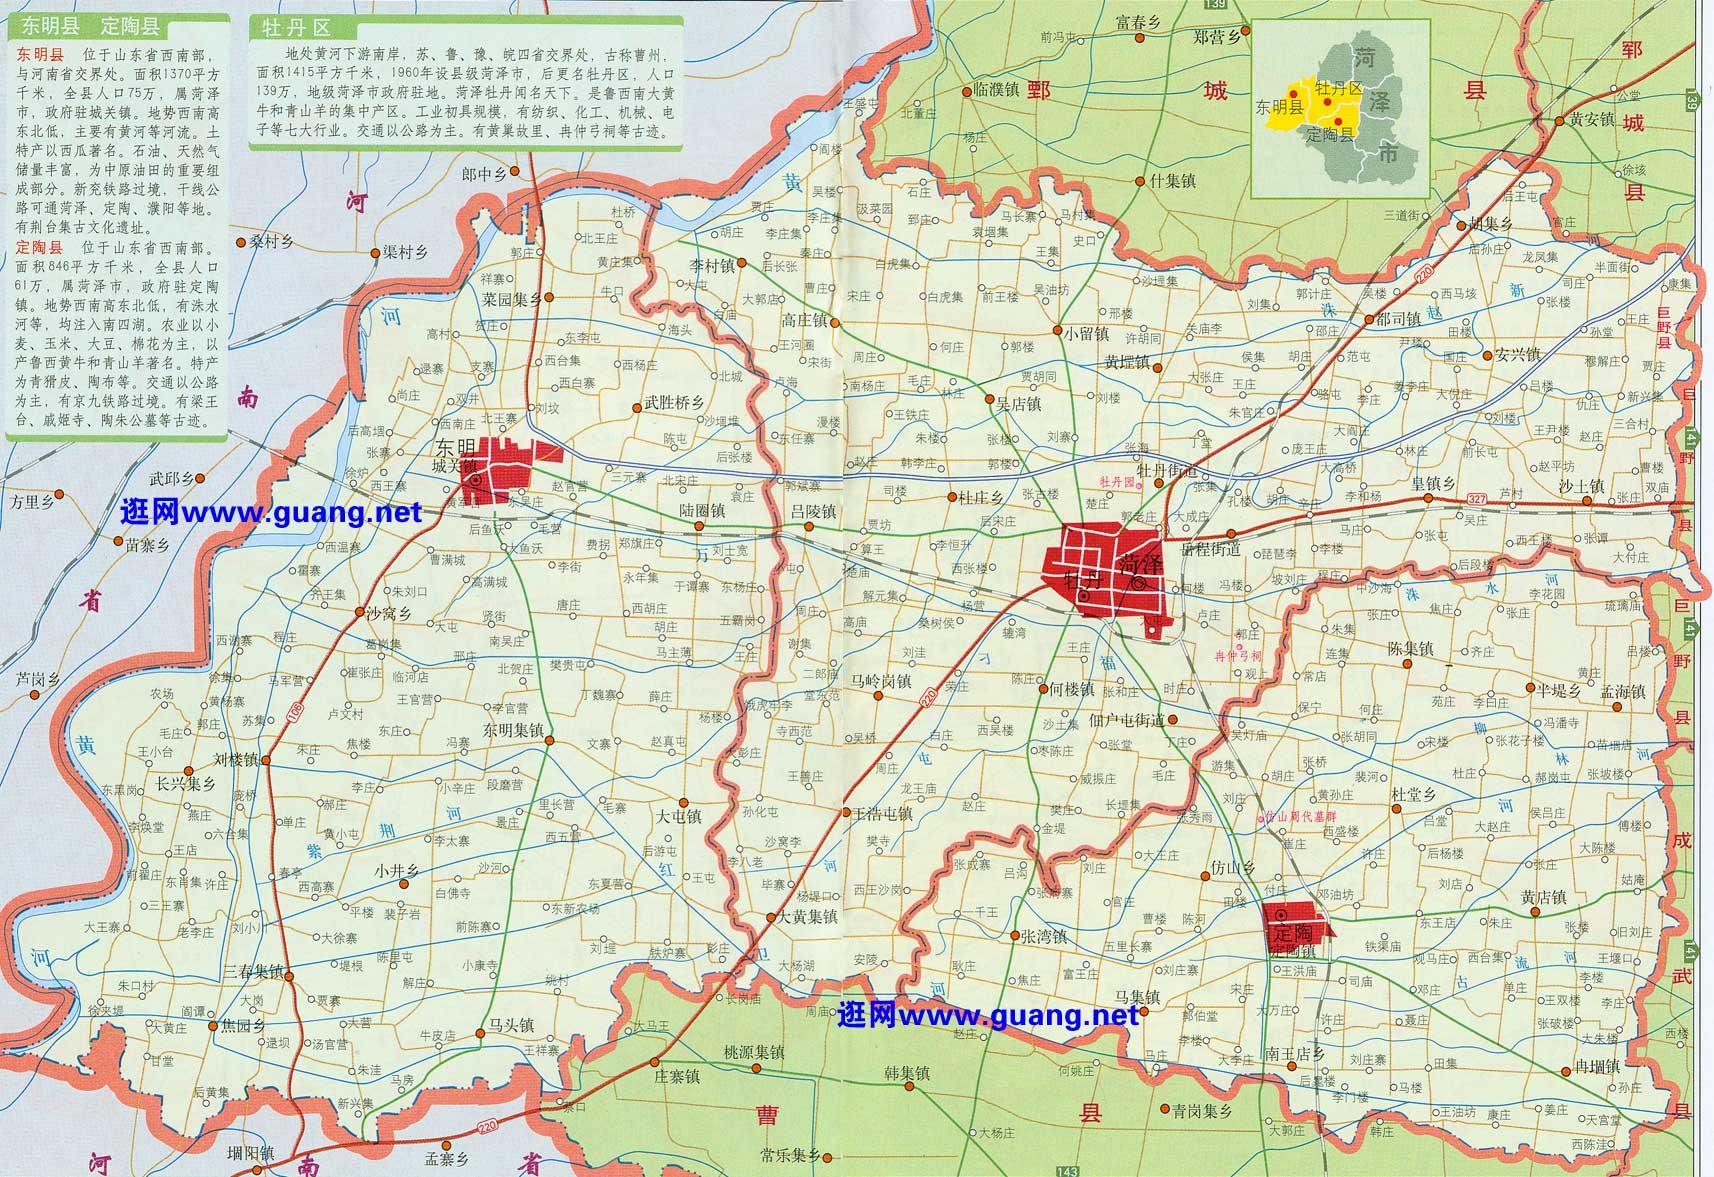 2015年版菏泽地图,东明地图,定陶地图